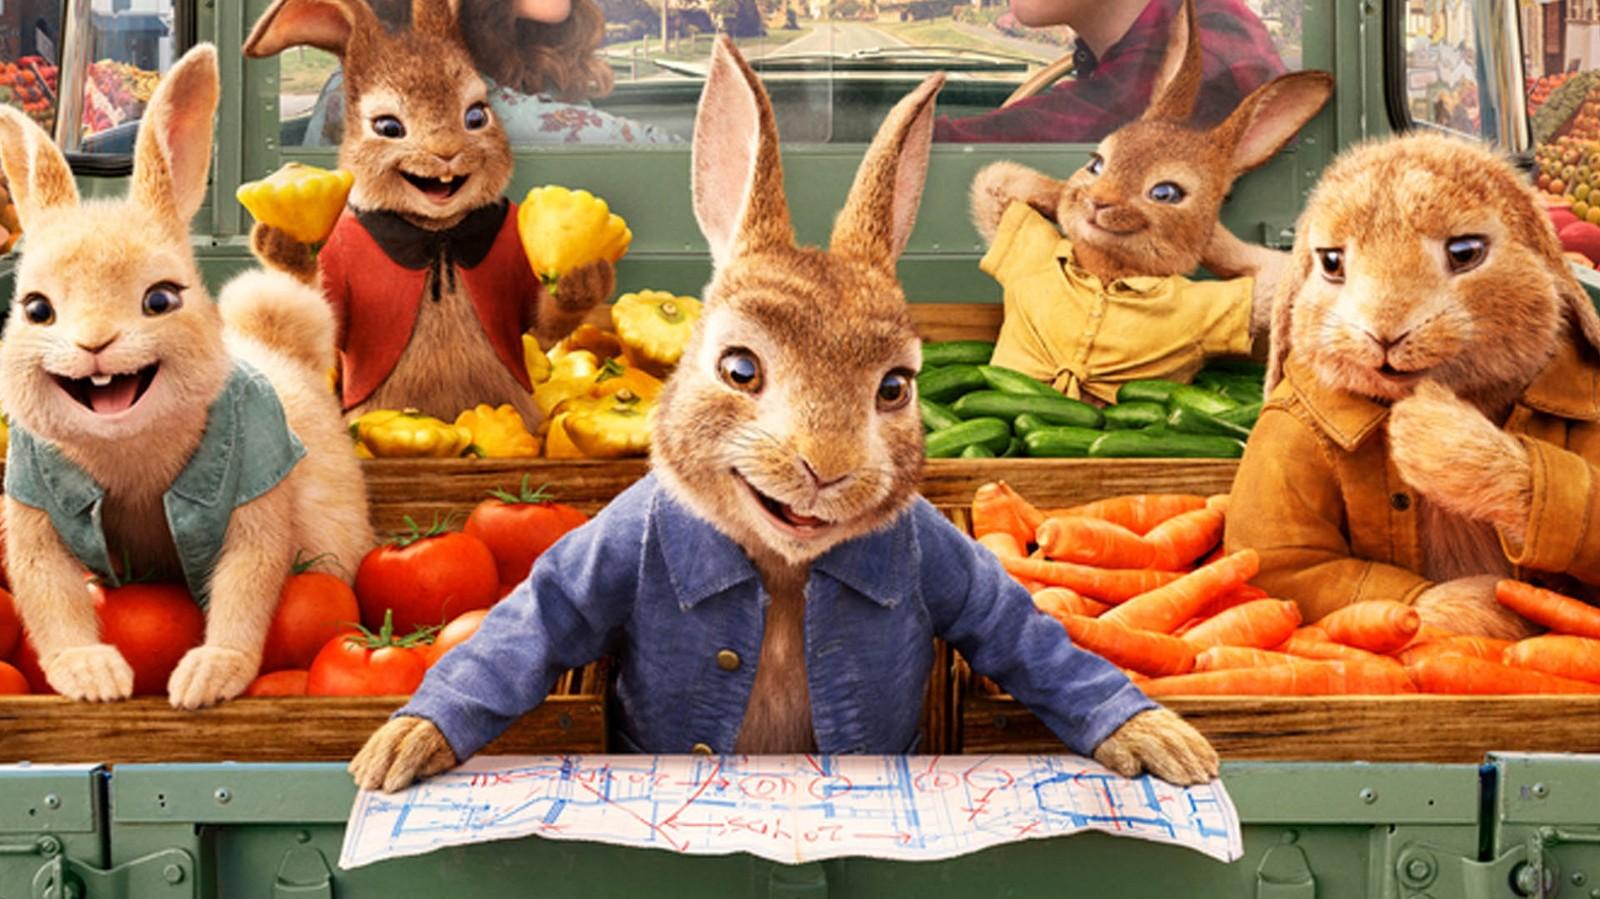 peter-rabbit-2-release-date.jpg